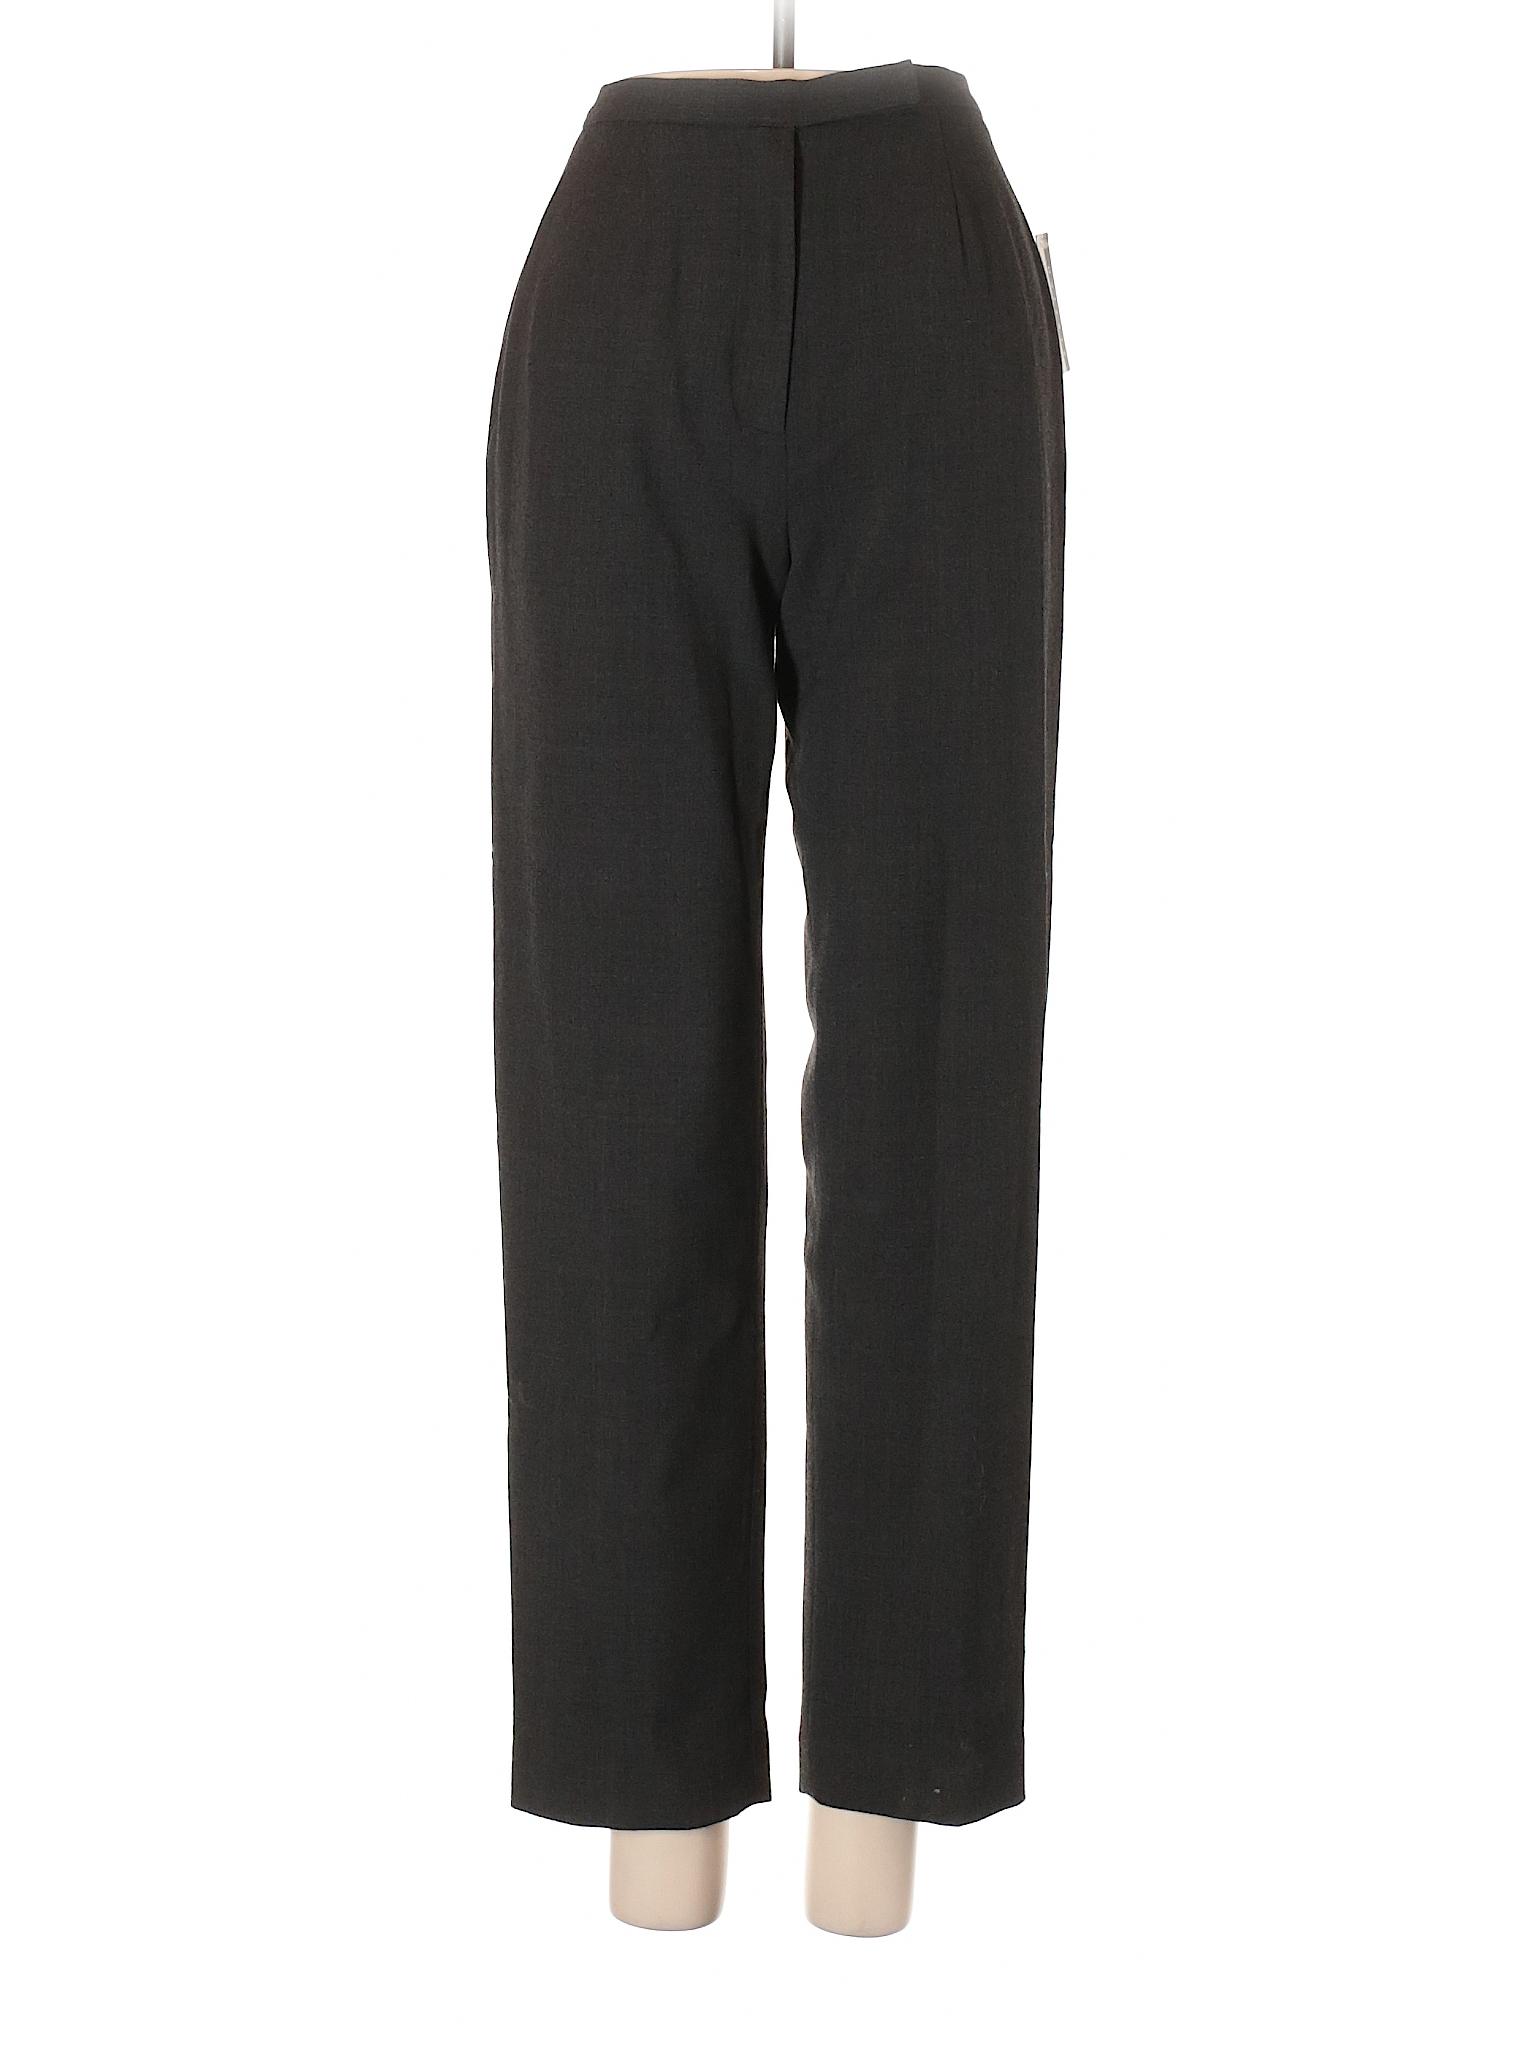 Petite Sophisticate Pants Boutique leisure Wool 5fOnTvx